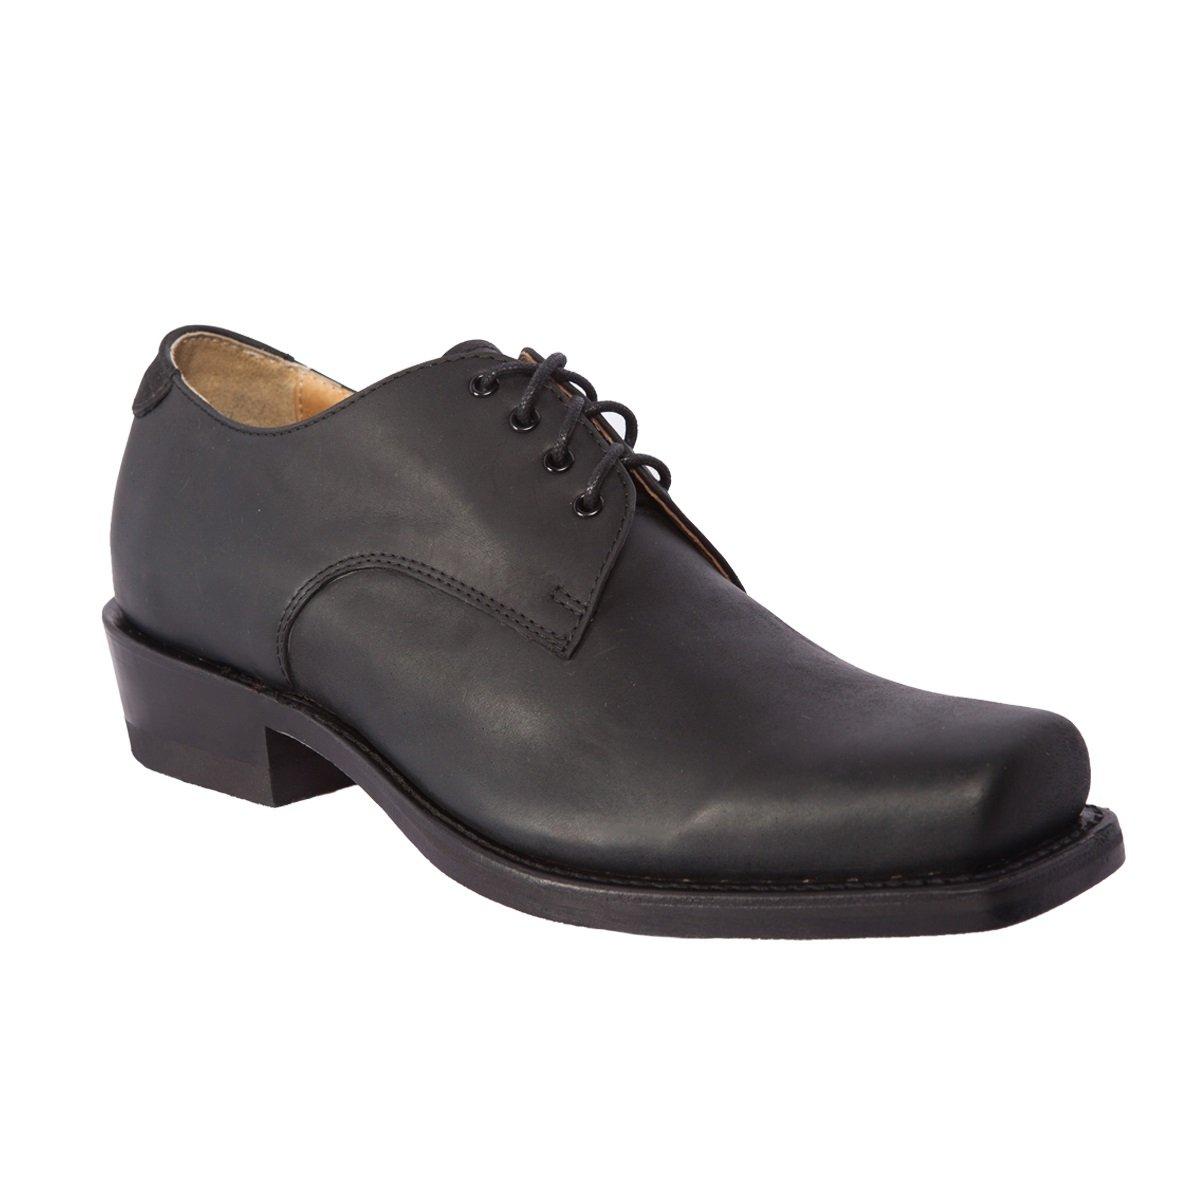 Sendra Schuhe 530MO schwarz - - - 805658